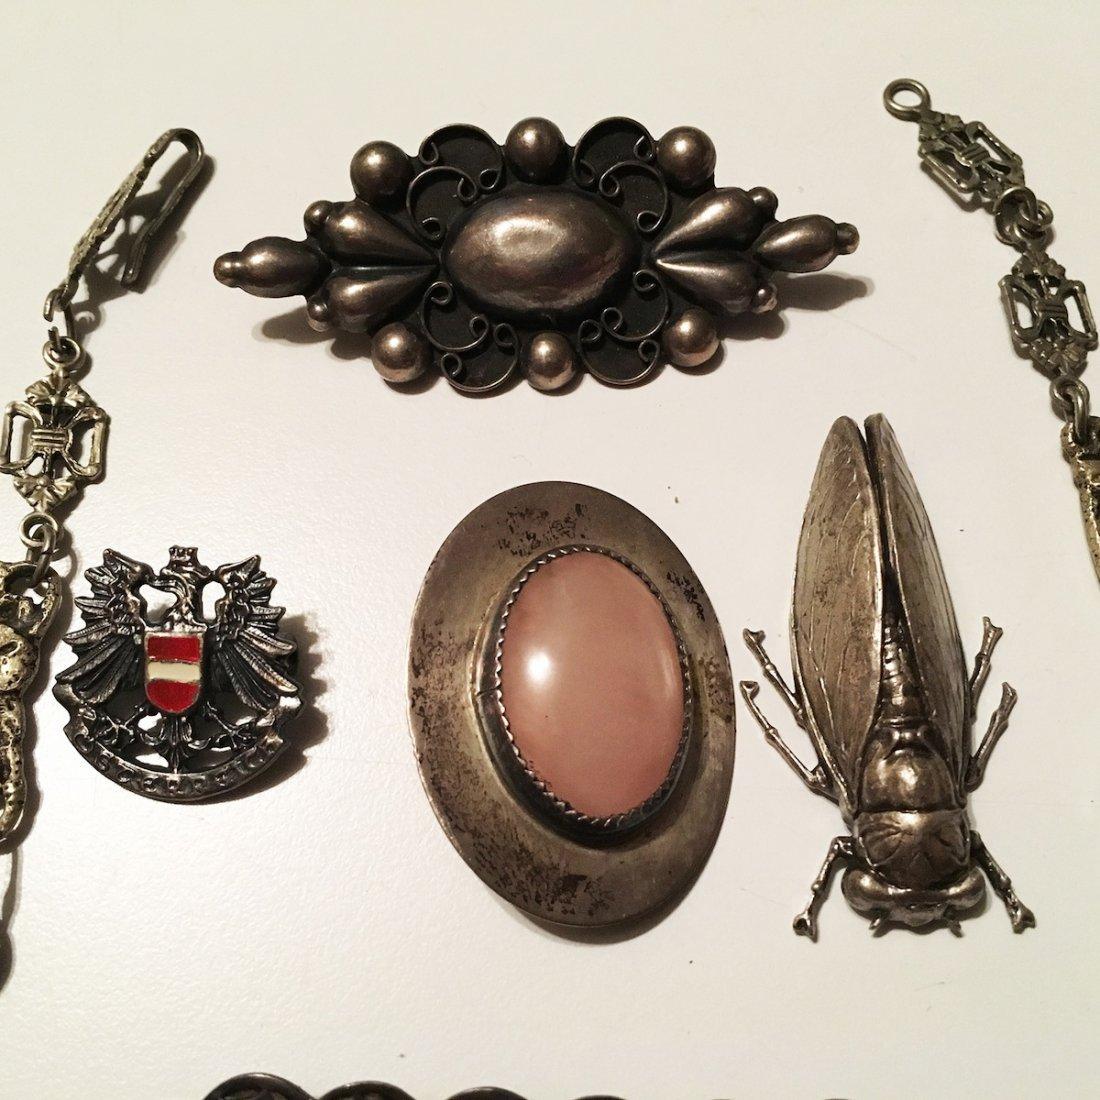 Silver Jewelry, Pins, Charm bracelet, Bug - 4